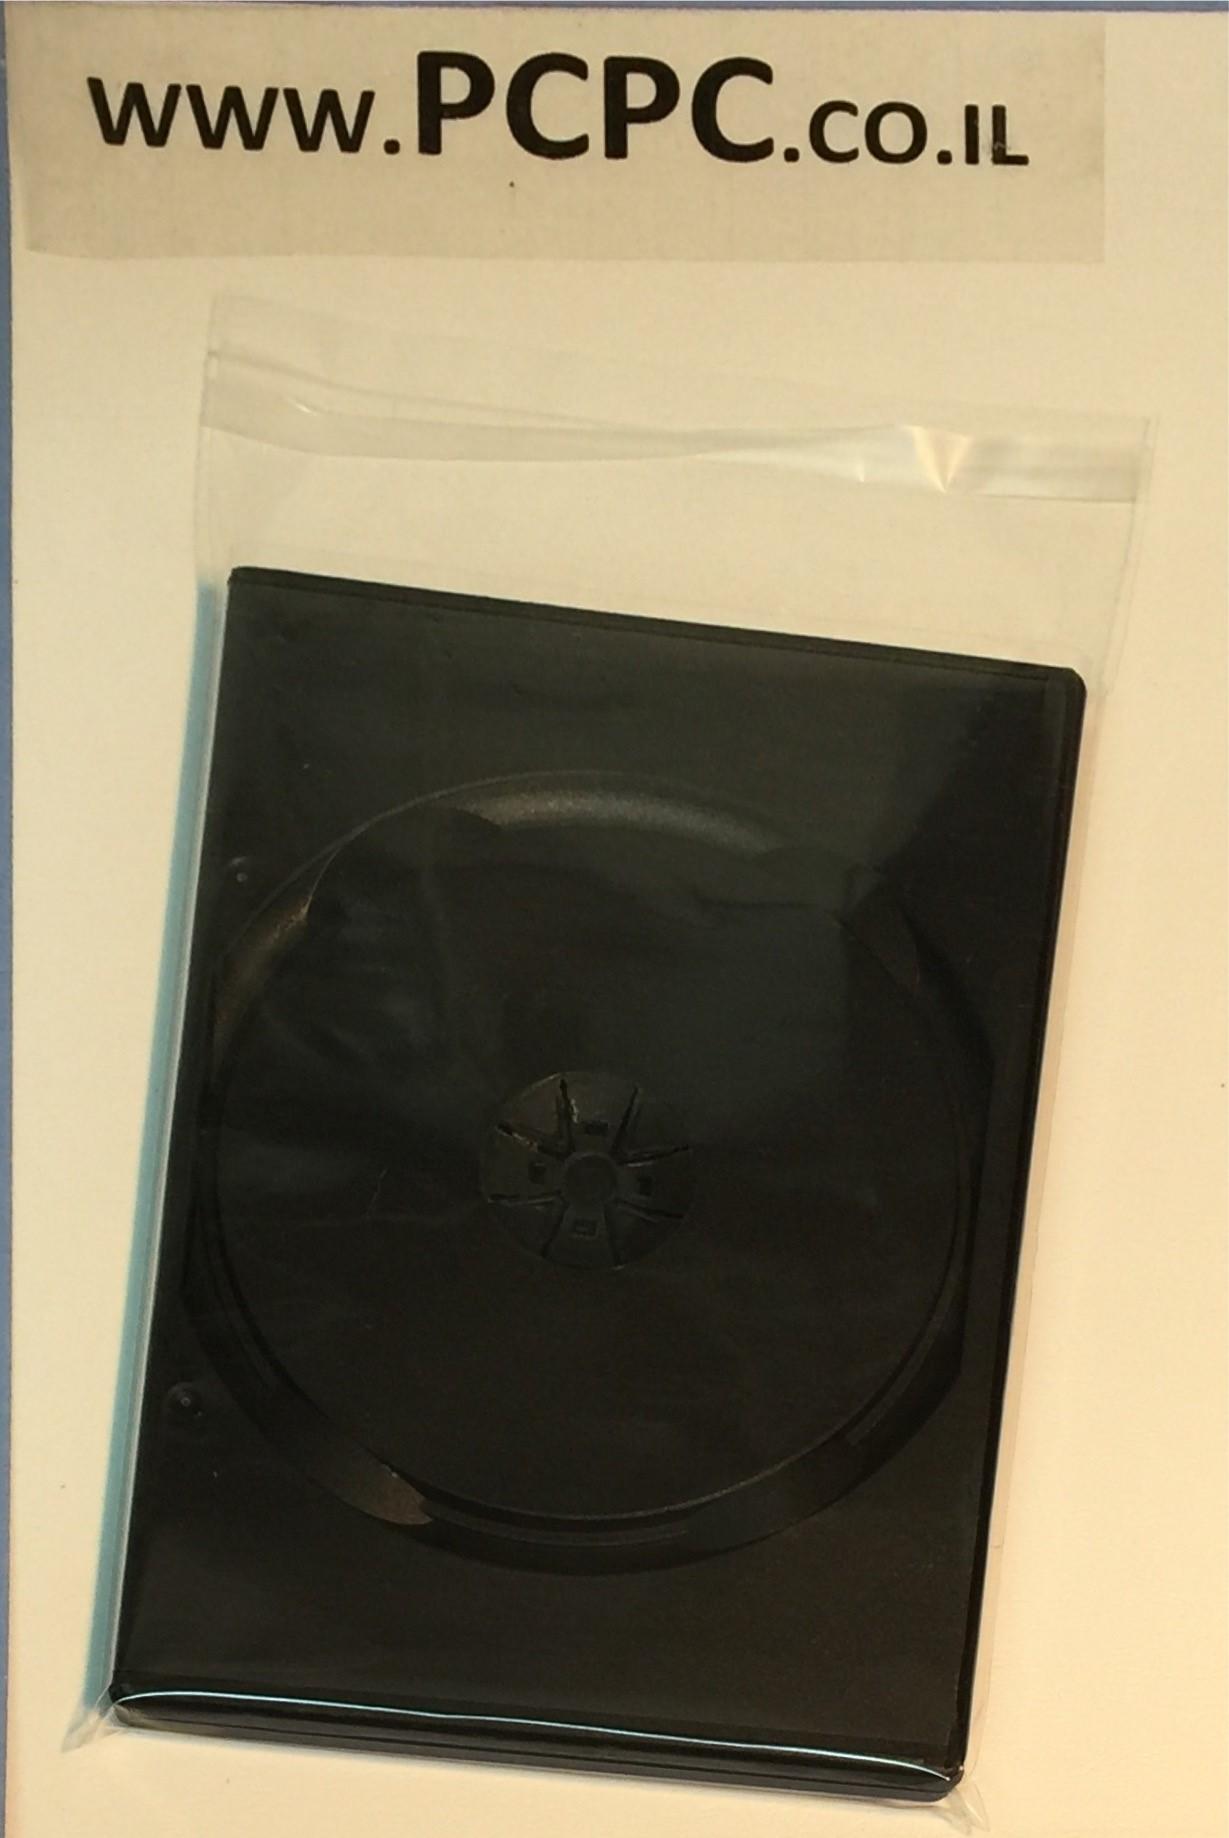 קופסה שחורה ל 1 DVD  דק SLIM  עובי 7 ממ